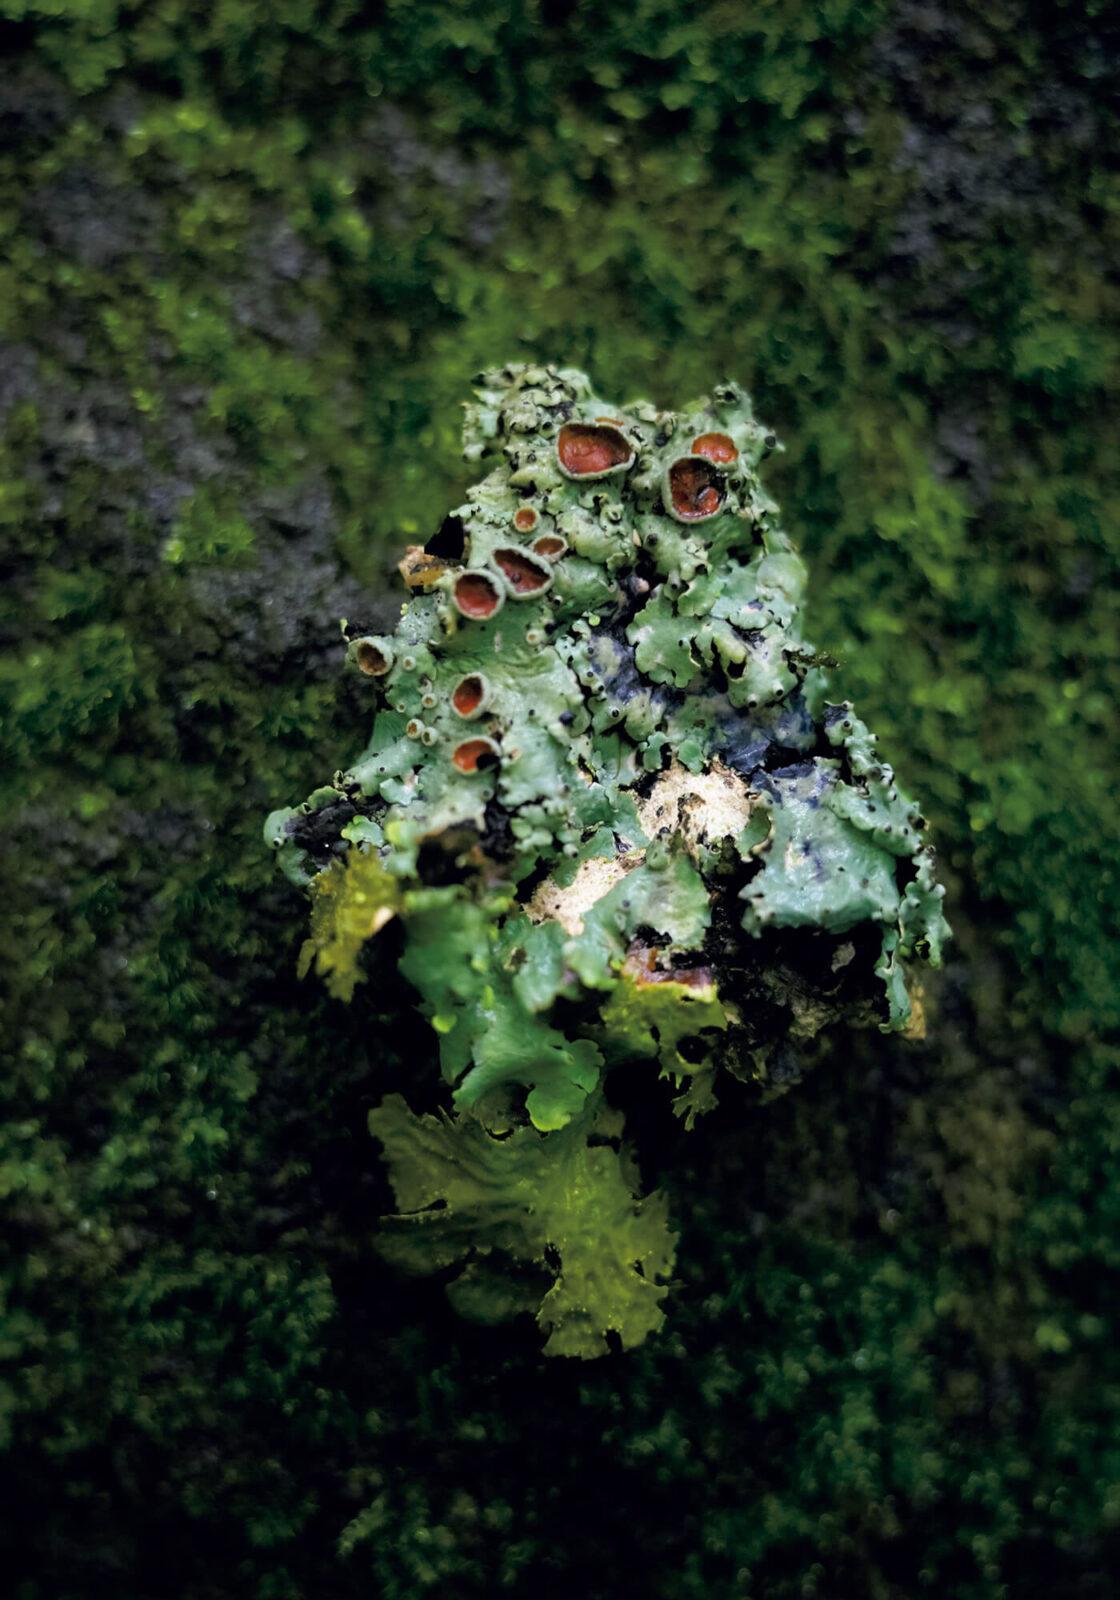 写真は地衣類と呼ばれる、菌と藻の共生体。菌が藻のすみかとなる代わりに、藻が光合成して作った養分を蓄えるのだという。自然界の見事な共生関係がここに成り立っている。